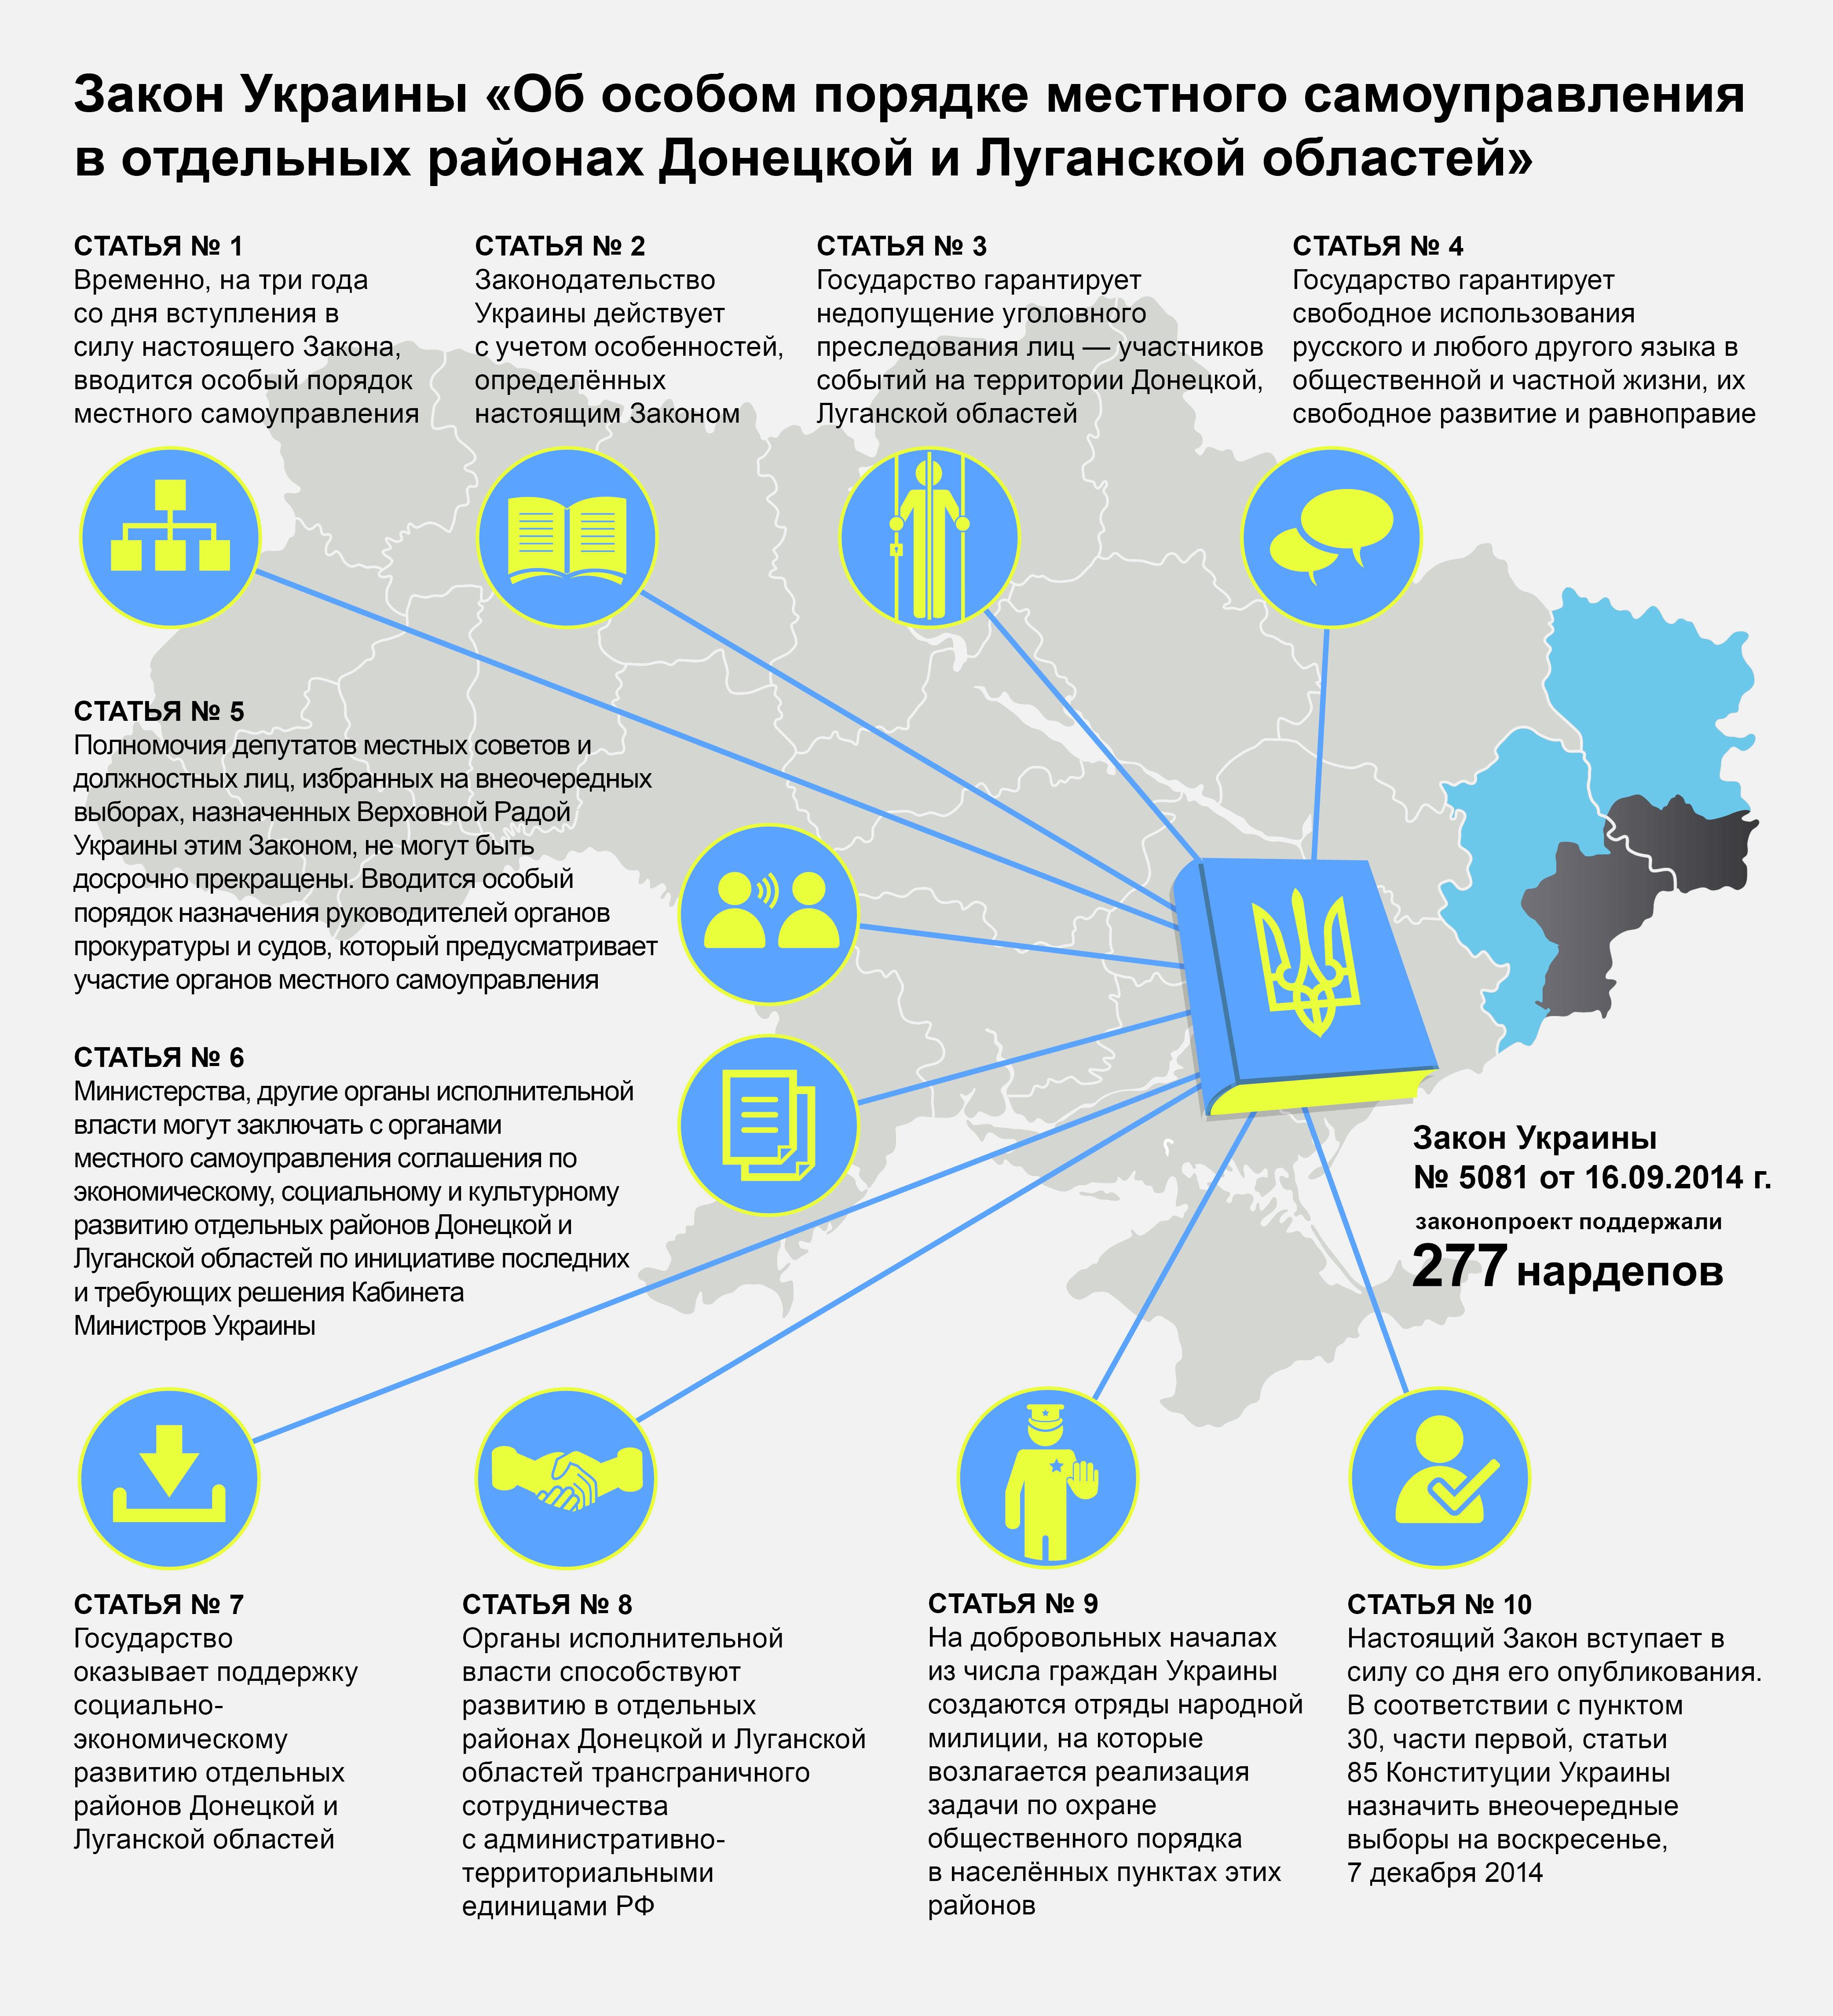 Закон о статусе отдельных территорий Донбасса. Инфографика